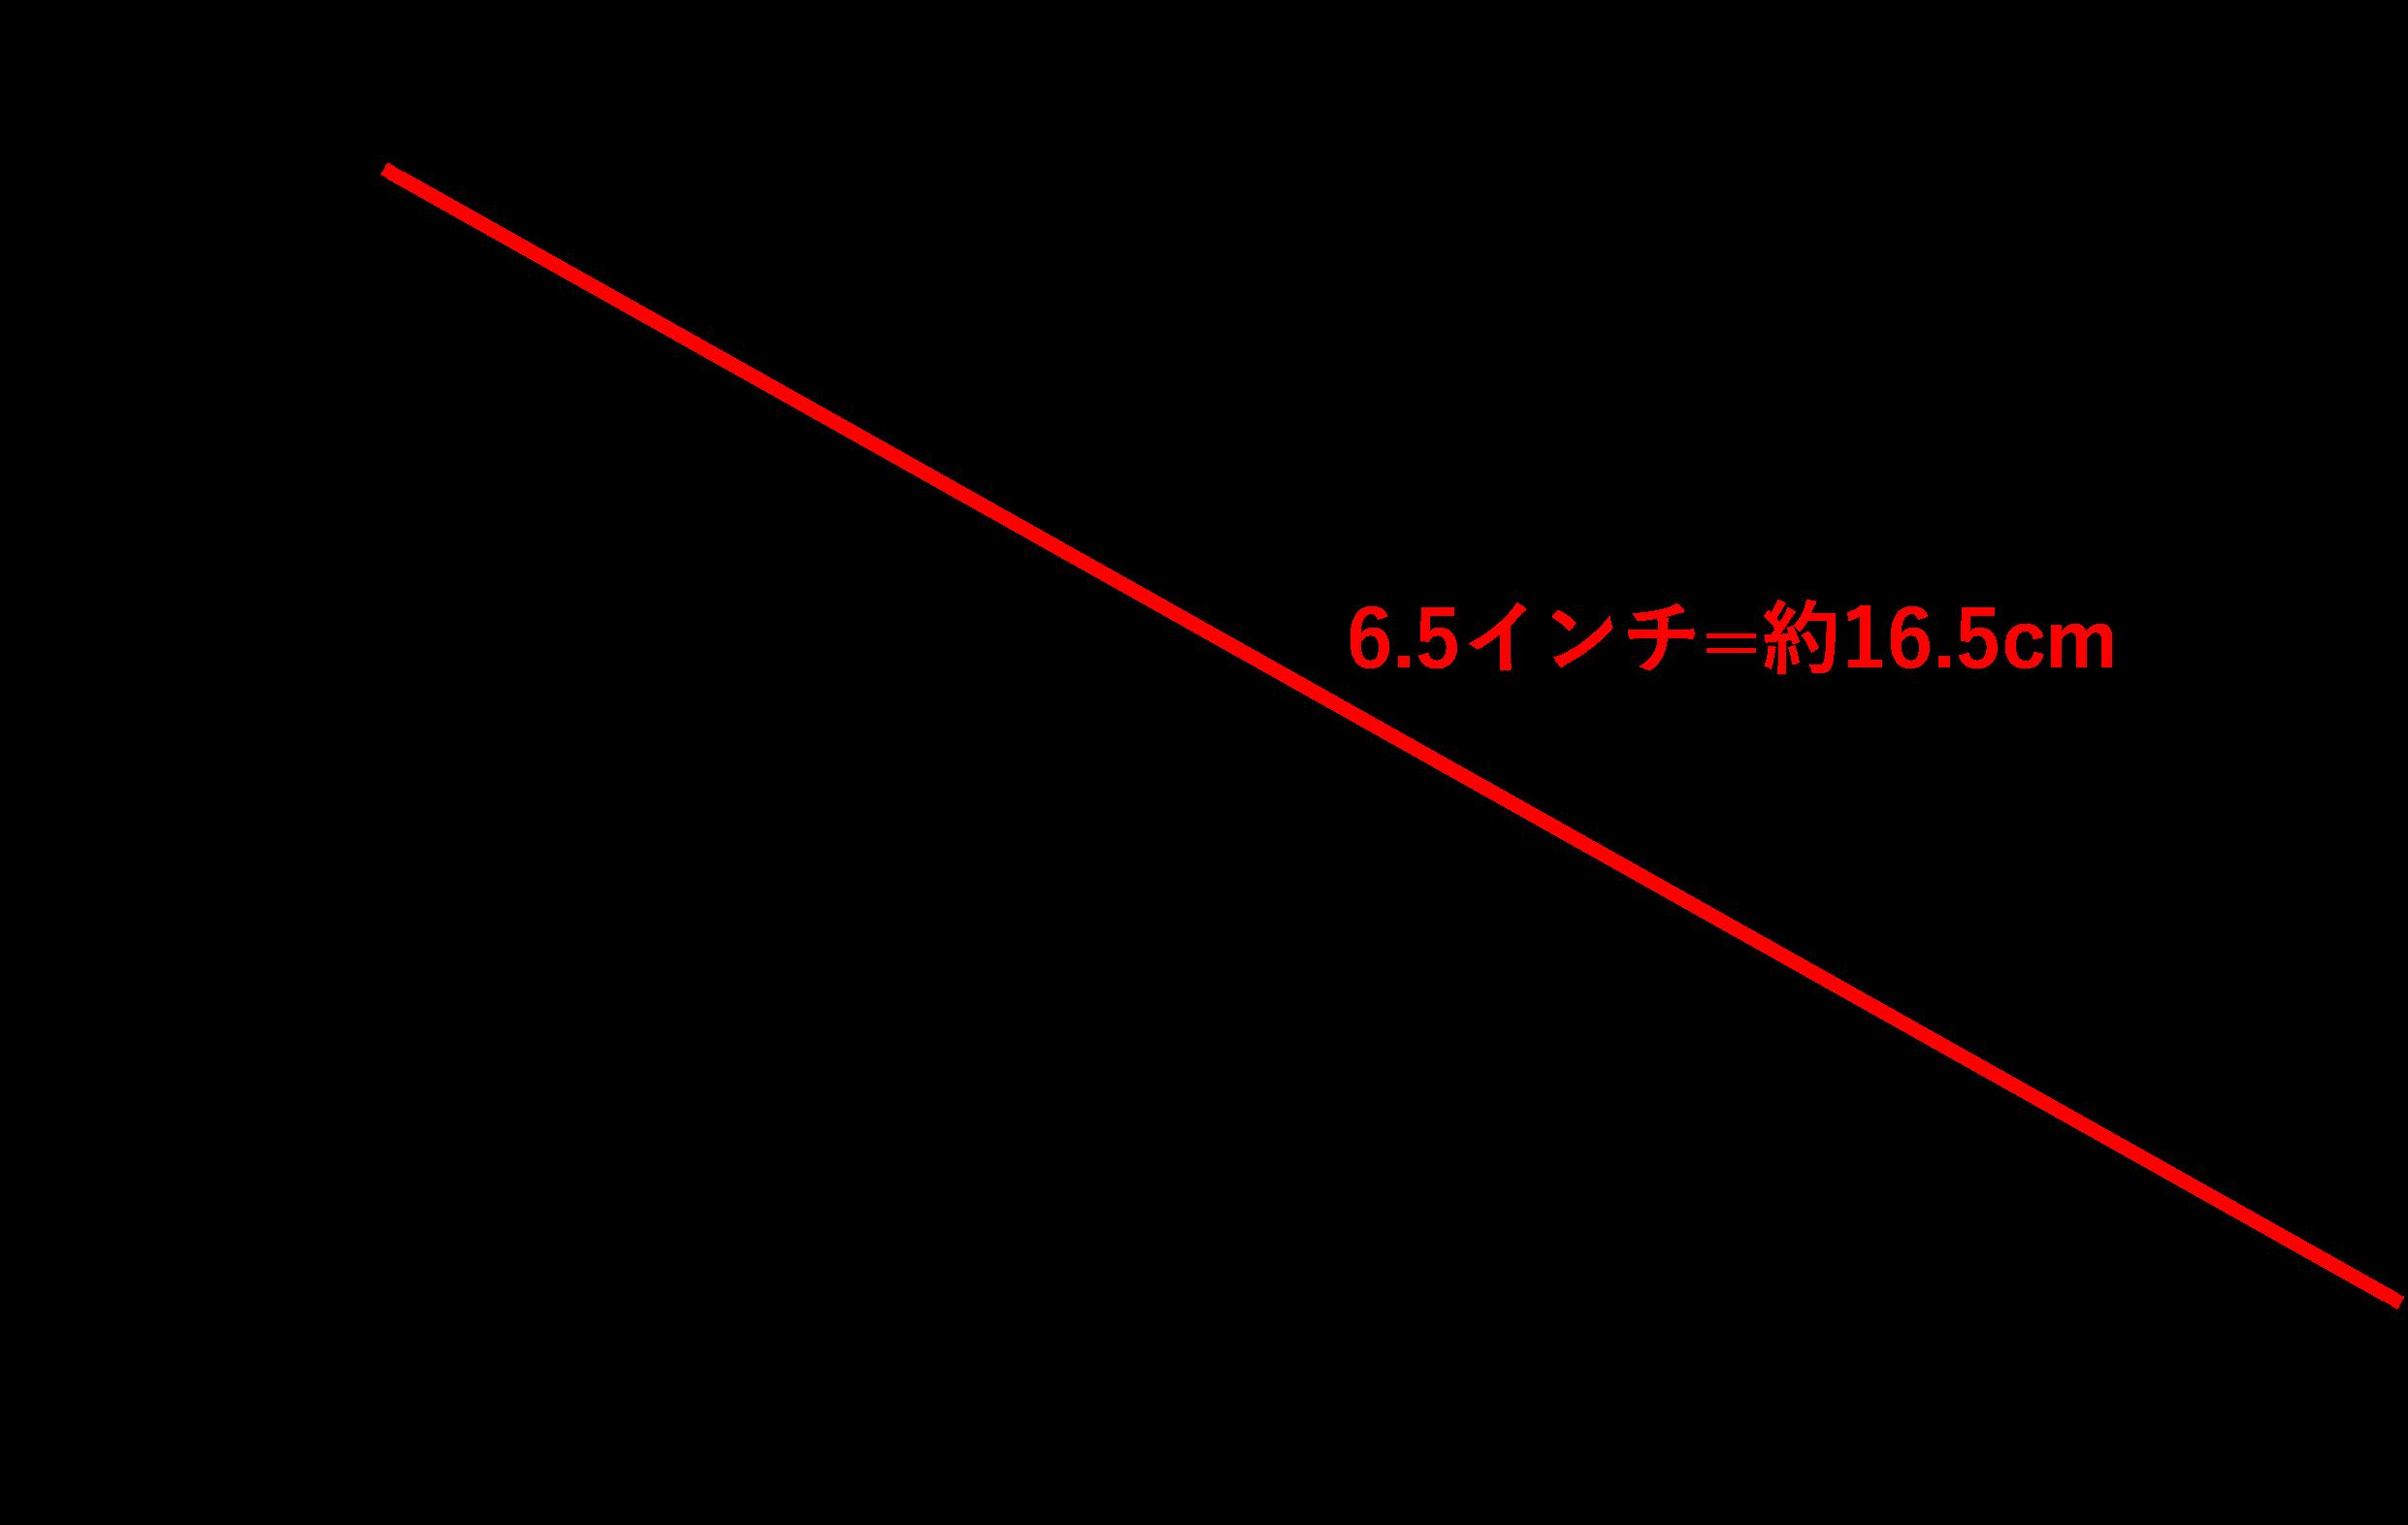 対角線スクリーンサイズ